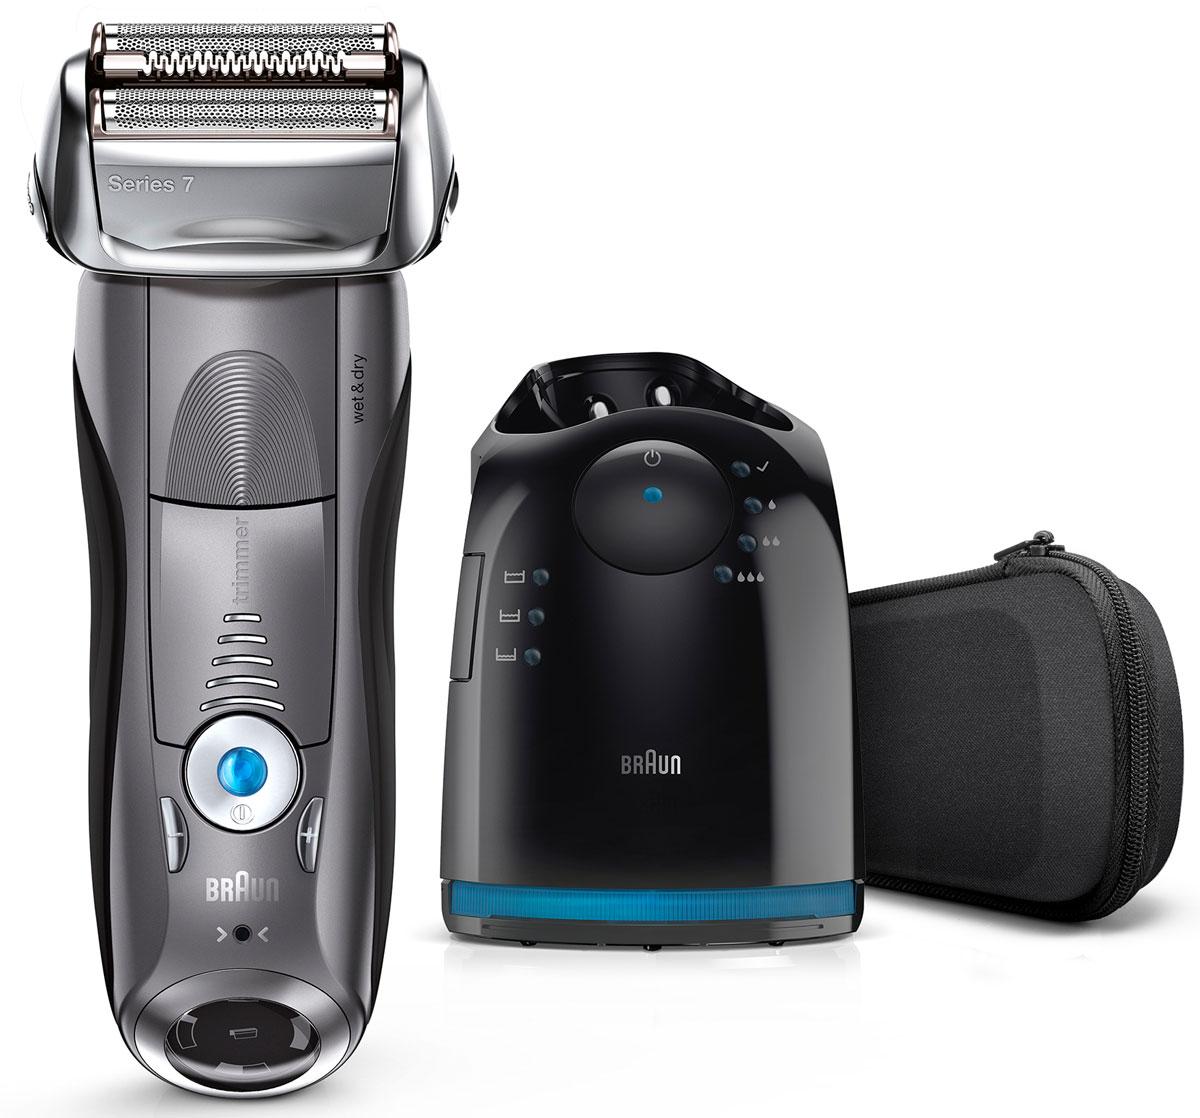 Braun Series 7 7865cc Wet&Dry, Grey электробритва81576297Braun Series 7 7865cc Wet&Dry - умная бритва, которая считывает ваше лицо и адаптирует свою мощность к густоте щетины. 4 специальных бреющих элемента захватывают больше волосков одним движением, обеспечивая гладкое и комфортное бритье без компромиссов. Преимущества: 5 режимов бритья, от чувствительного до турбо, позволяют подобрать оптимальный для вашего типа кожи и предпочтений Бреющие элементы позволяют уменьшить количество движений и раздражение кожи. В комплект входит четырехэтапная станция очистки и подзарядки Clean&Charge, которая после одного нажатия кнопки тщательно очищает и смазывает бритву, обновляя ее.